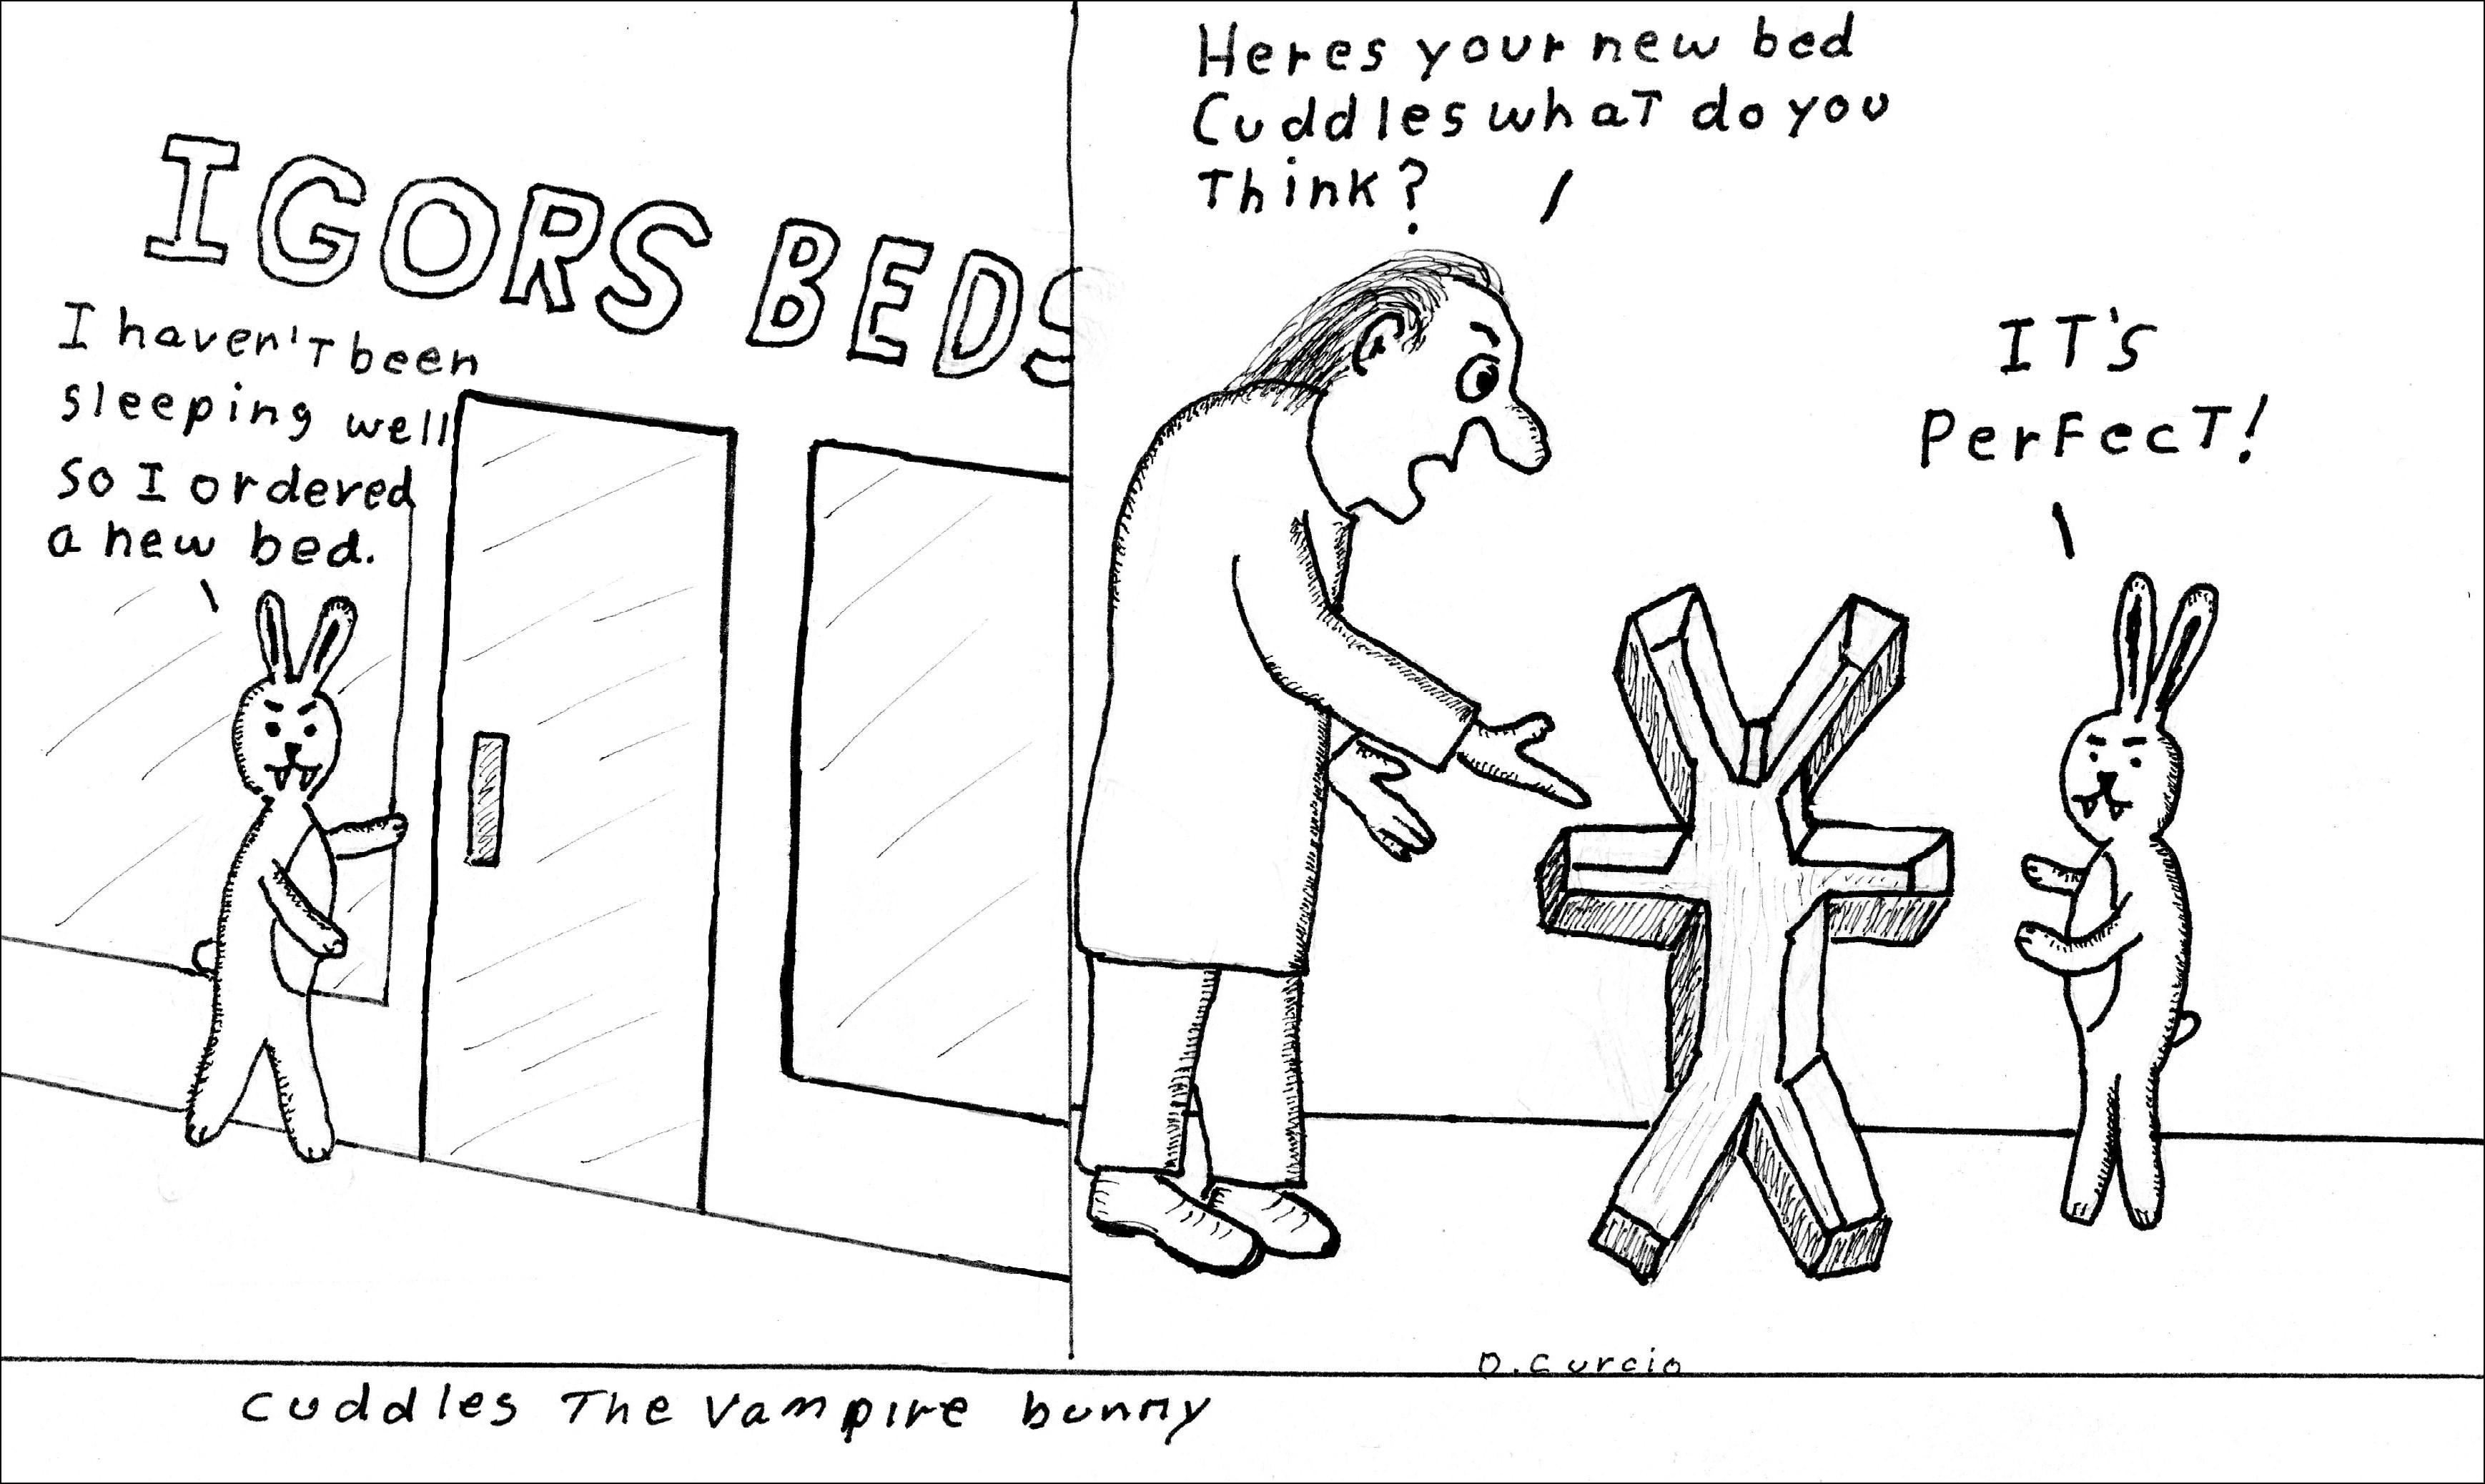 Cuddles Bed